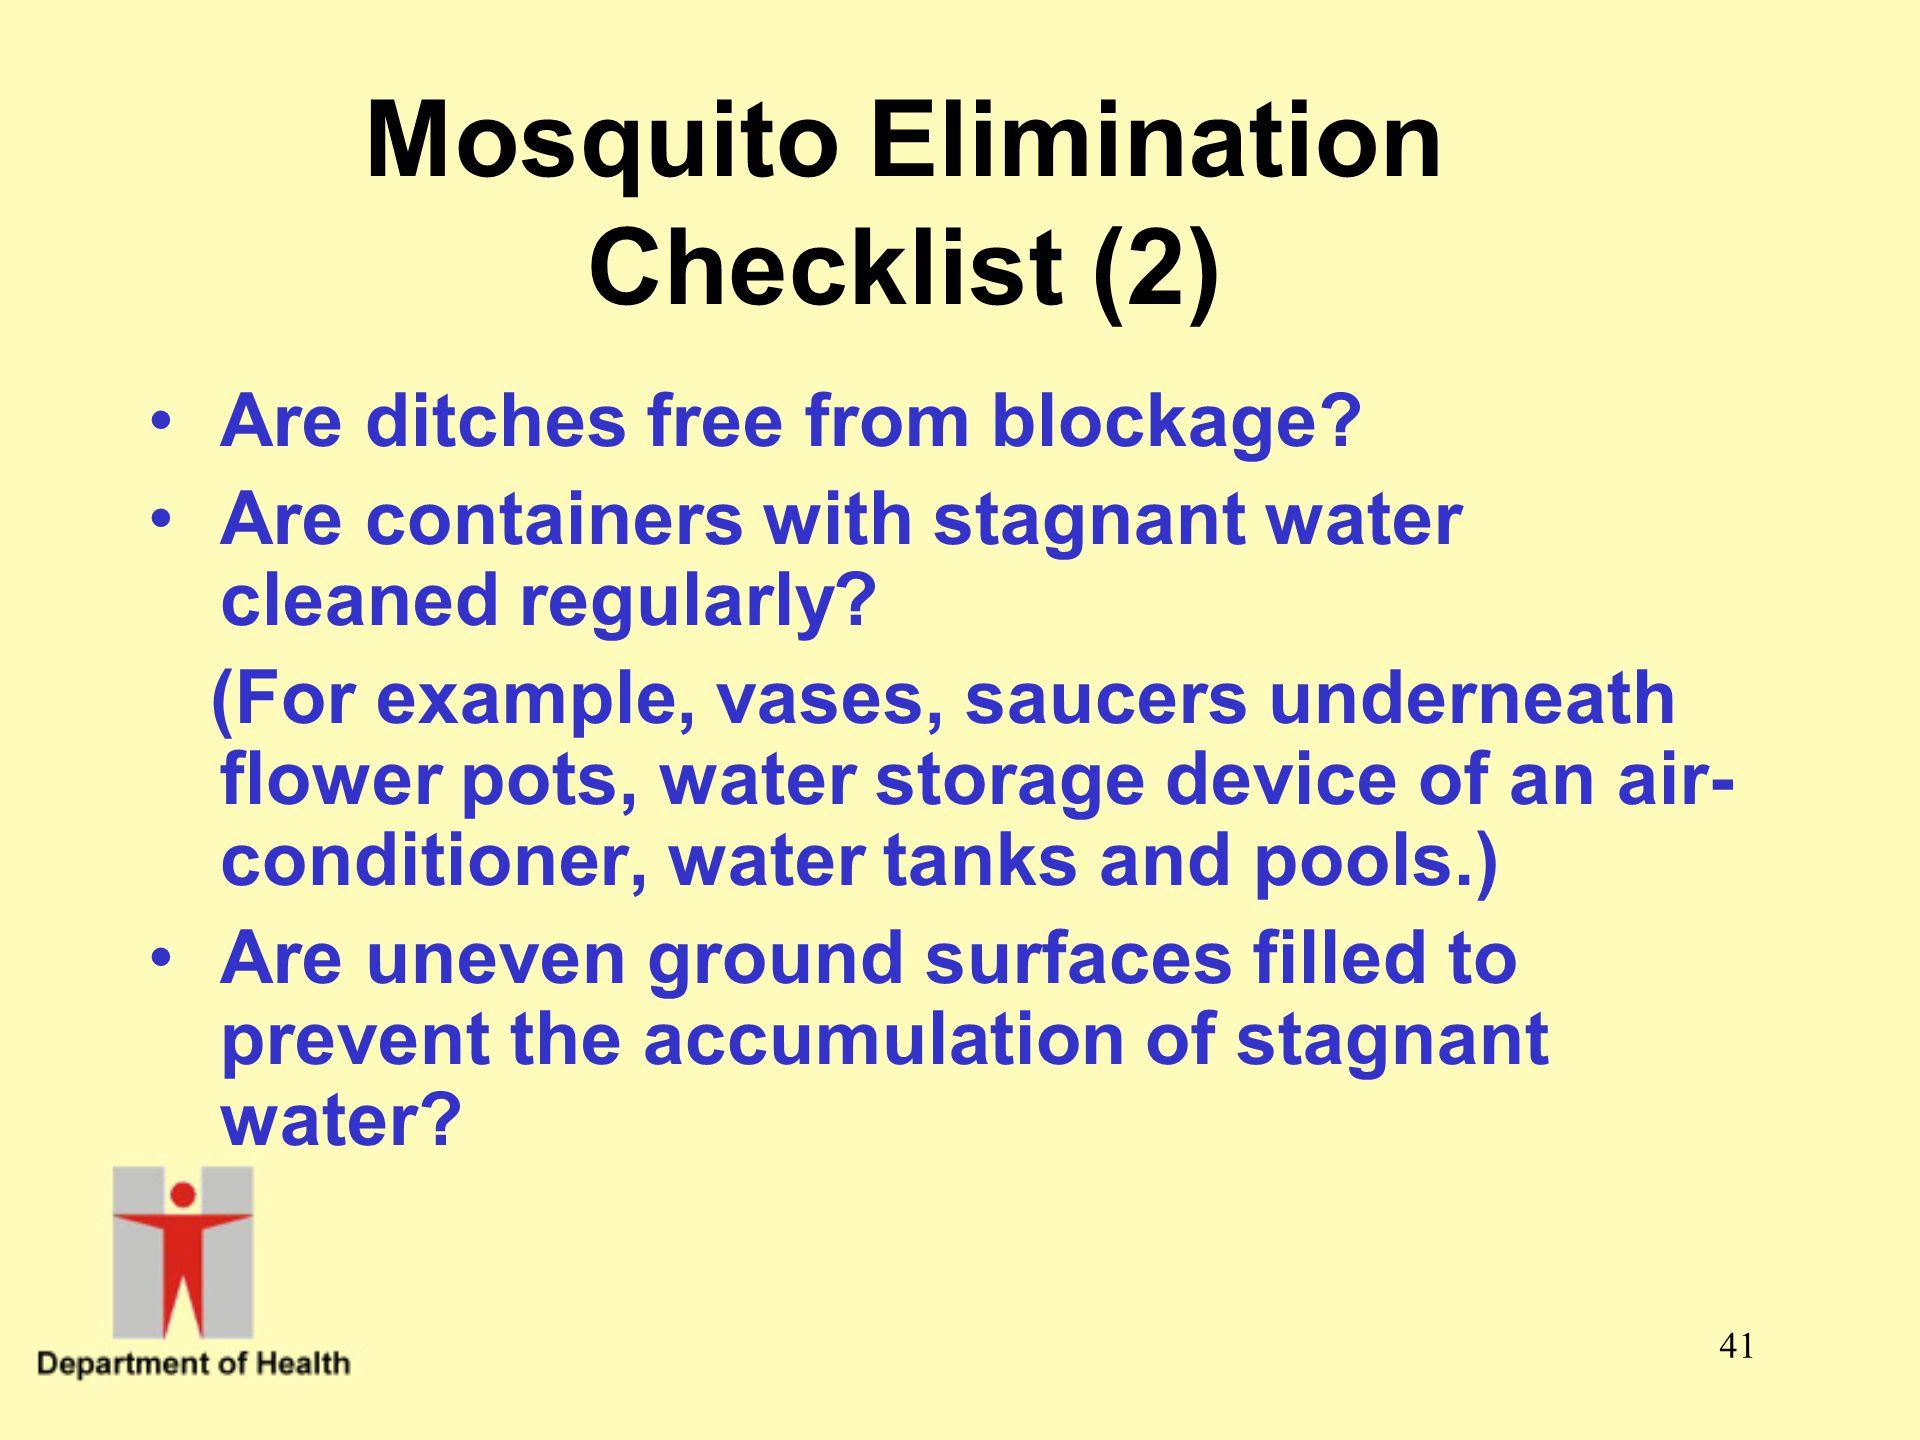 Mosquito Elimination Checklist (2)